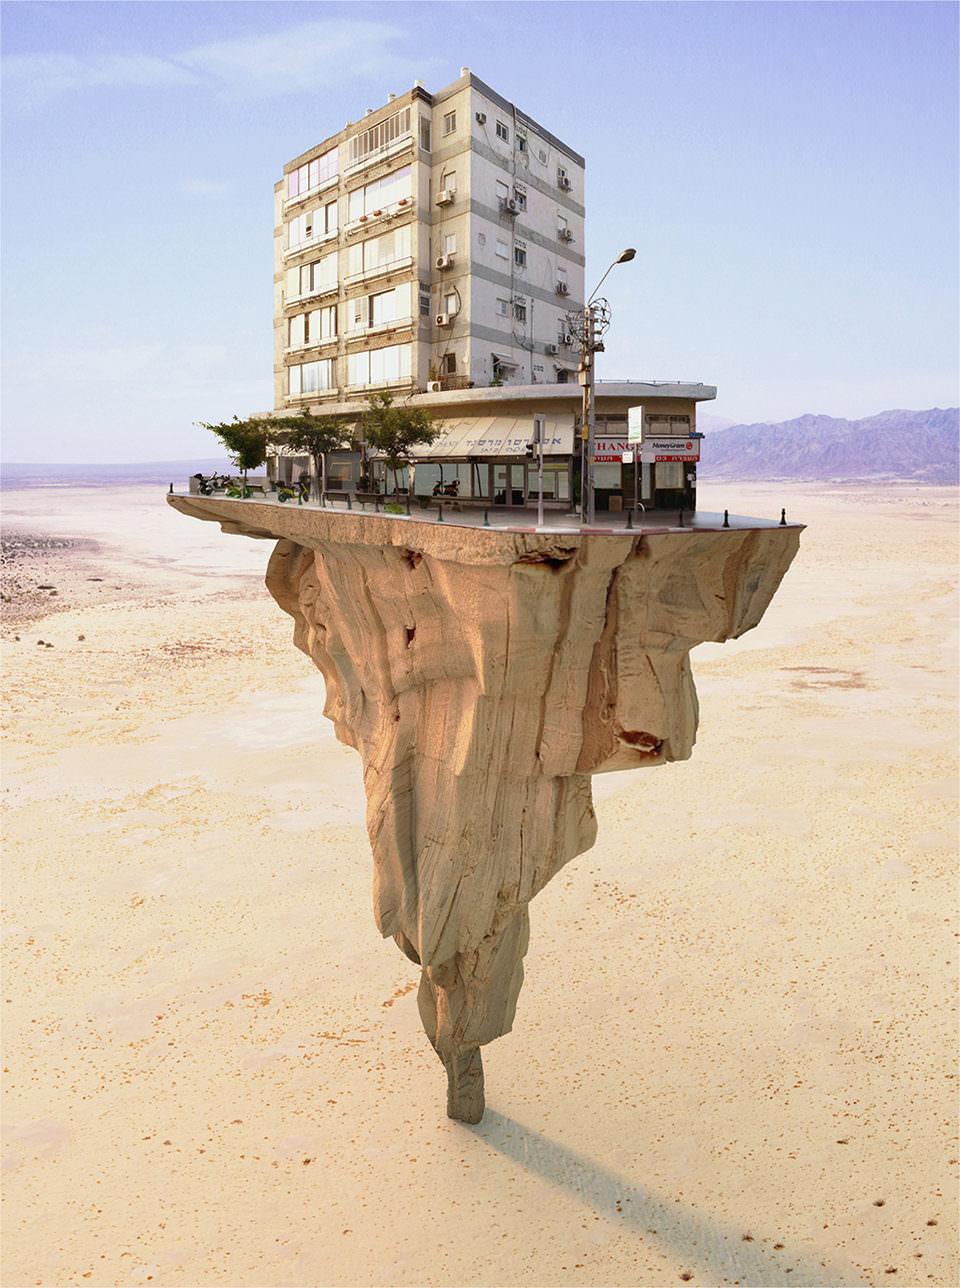 Haus steht auf einem umgedrehten Fels